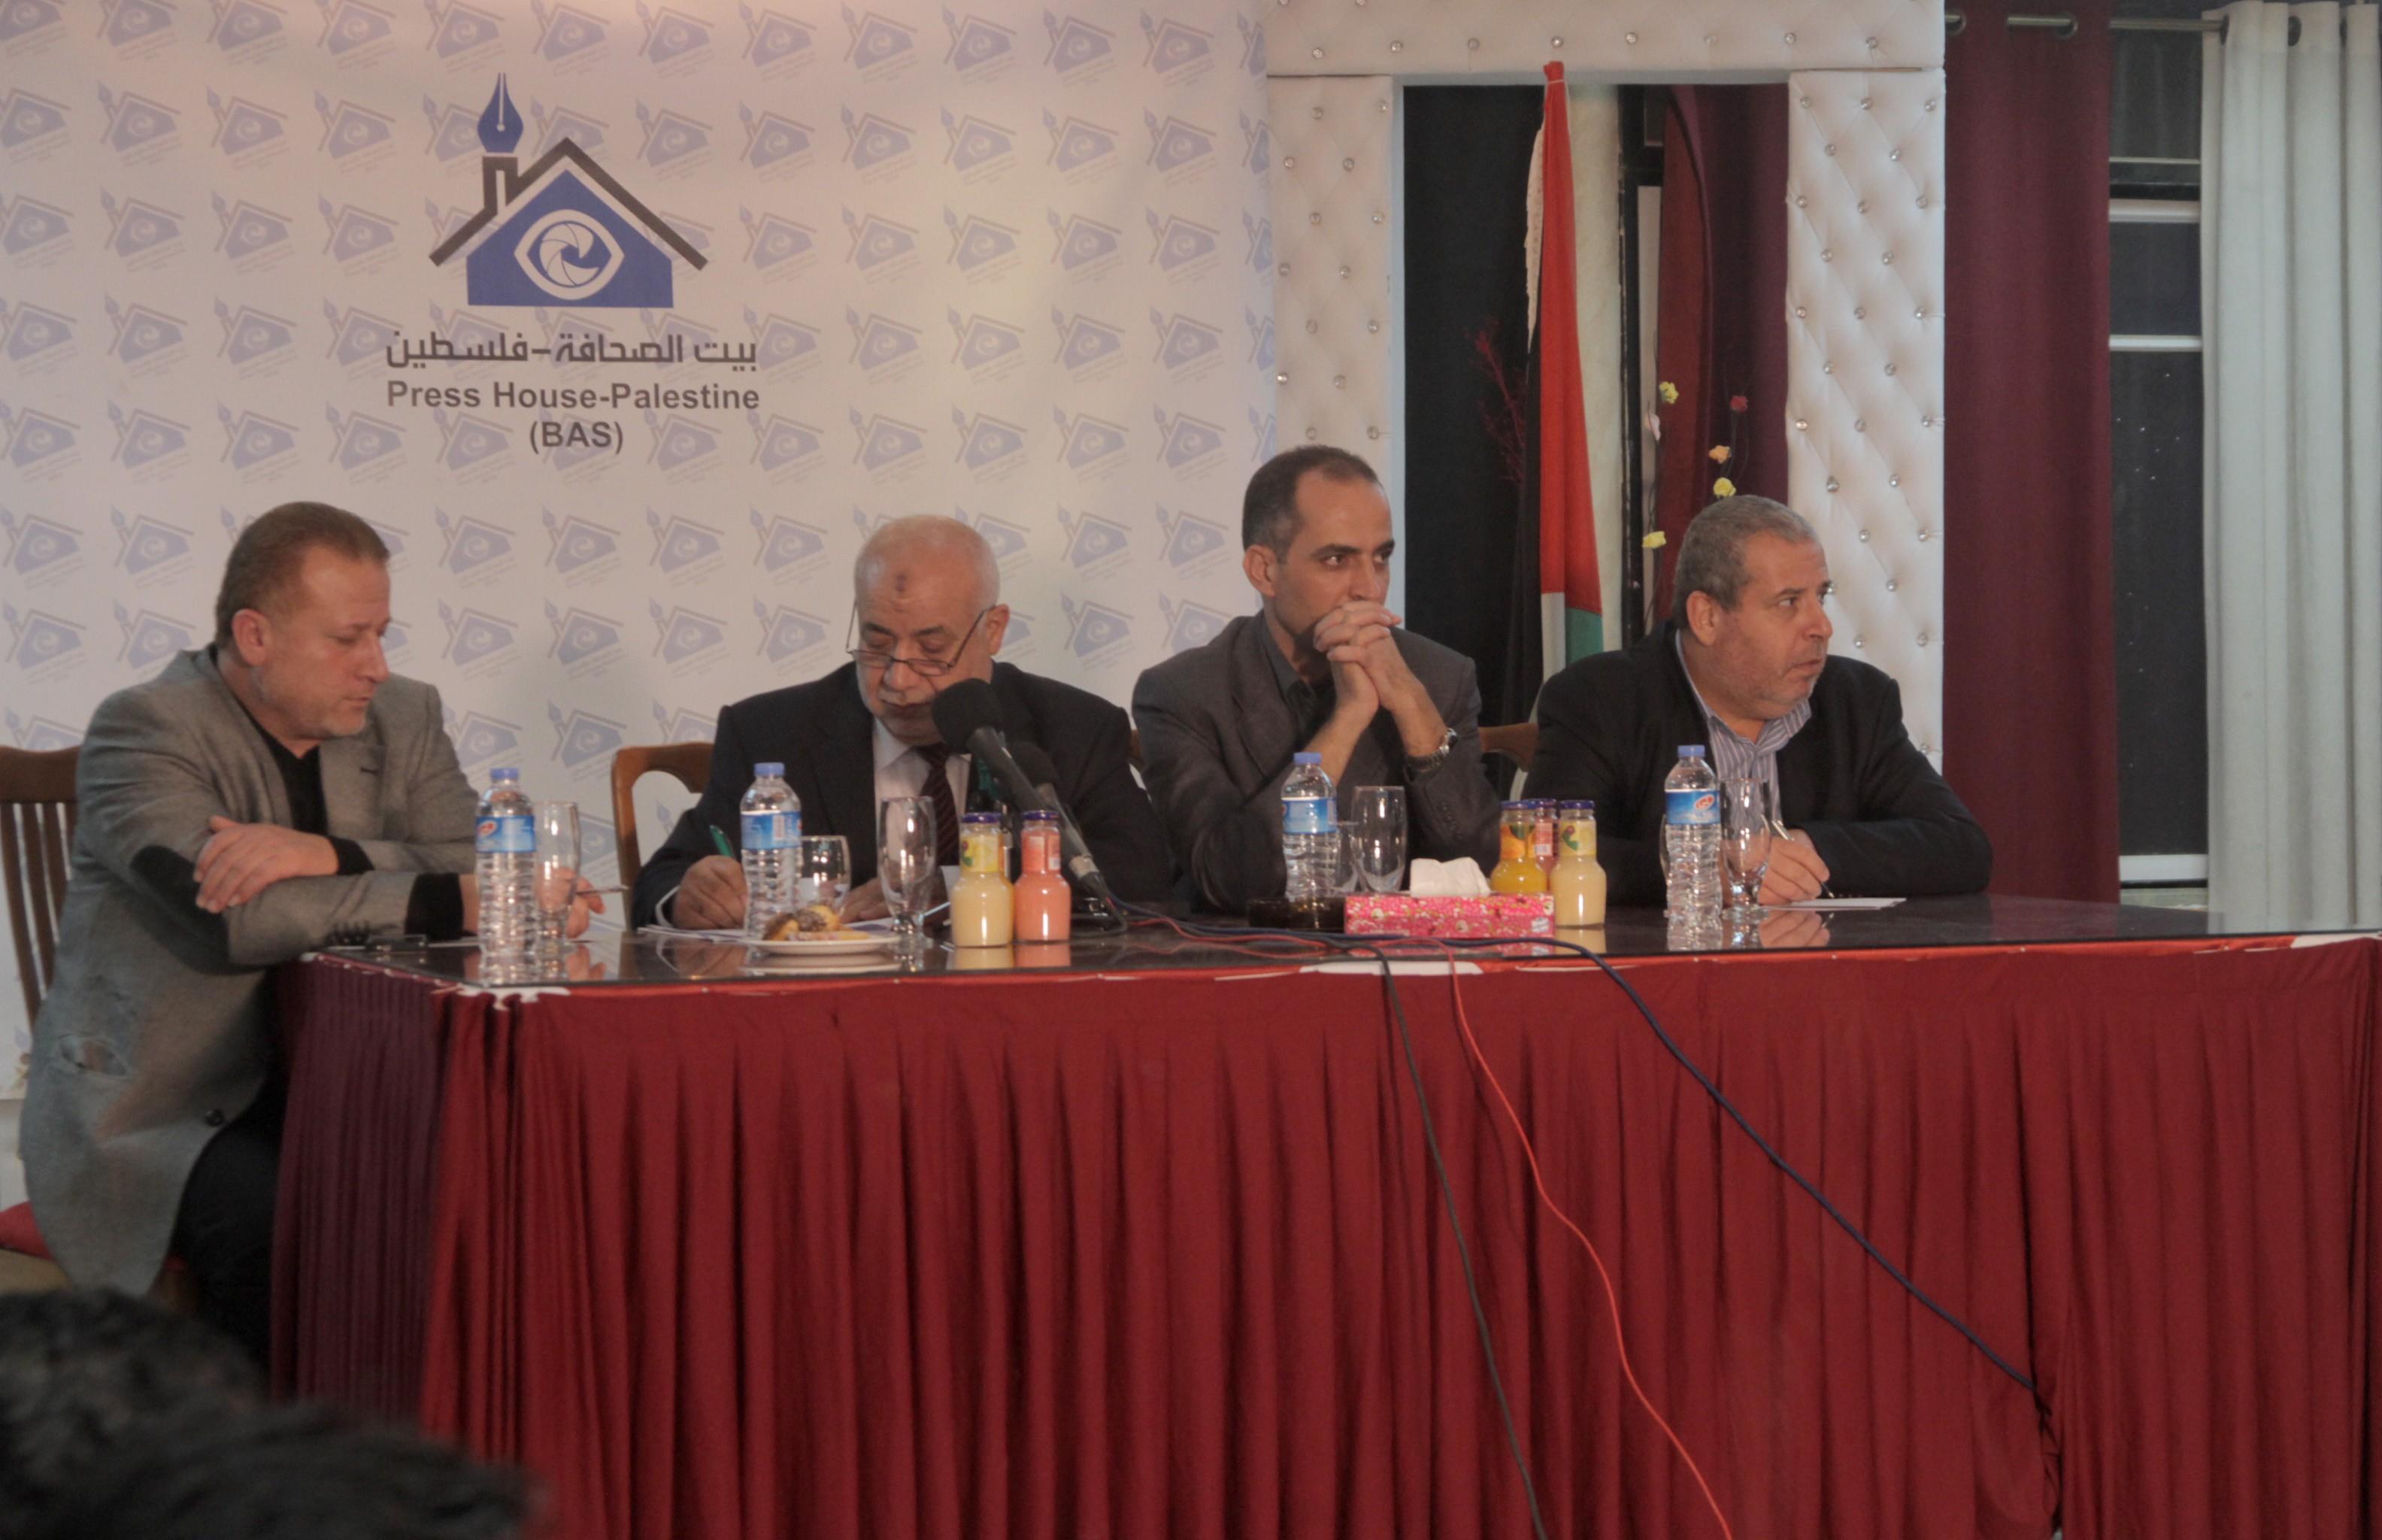 مؤسسة بيت الصحافة تنظم لقاءاً مفتوحا للصحفيين مع النائب العام بغزة